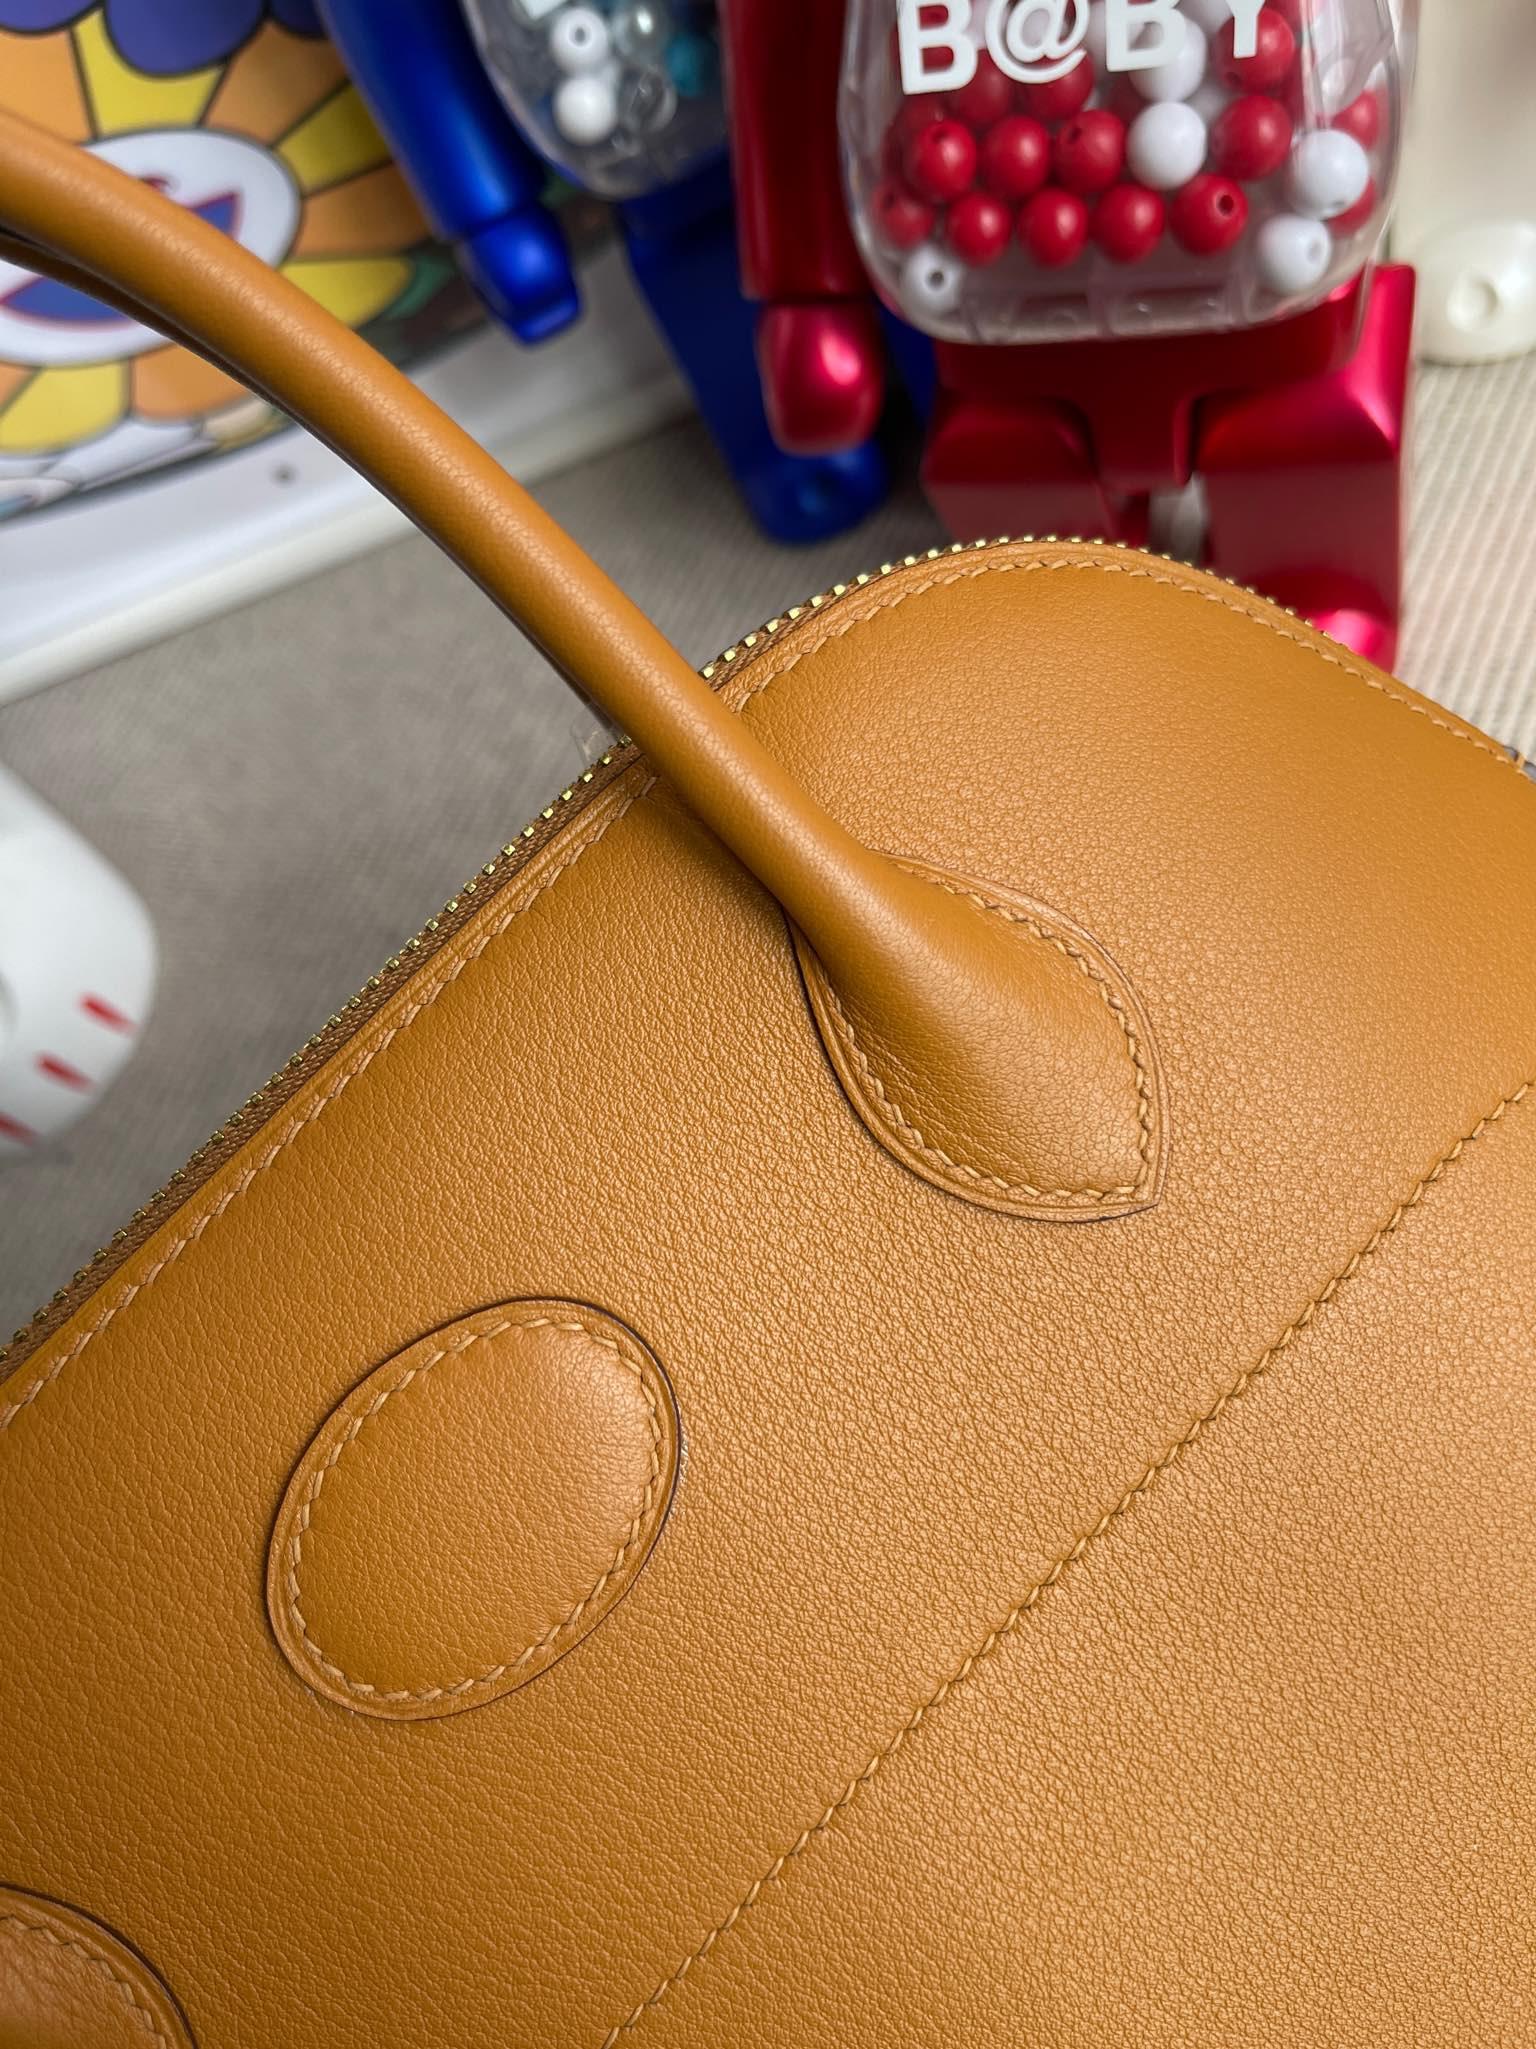 Hermès(爱马仕)Bolide 保龄球包 Swift 2S 芝麻色 Sesame 金扣 27cm 顶级手缝